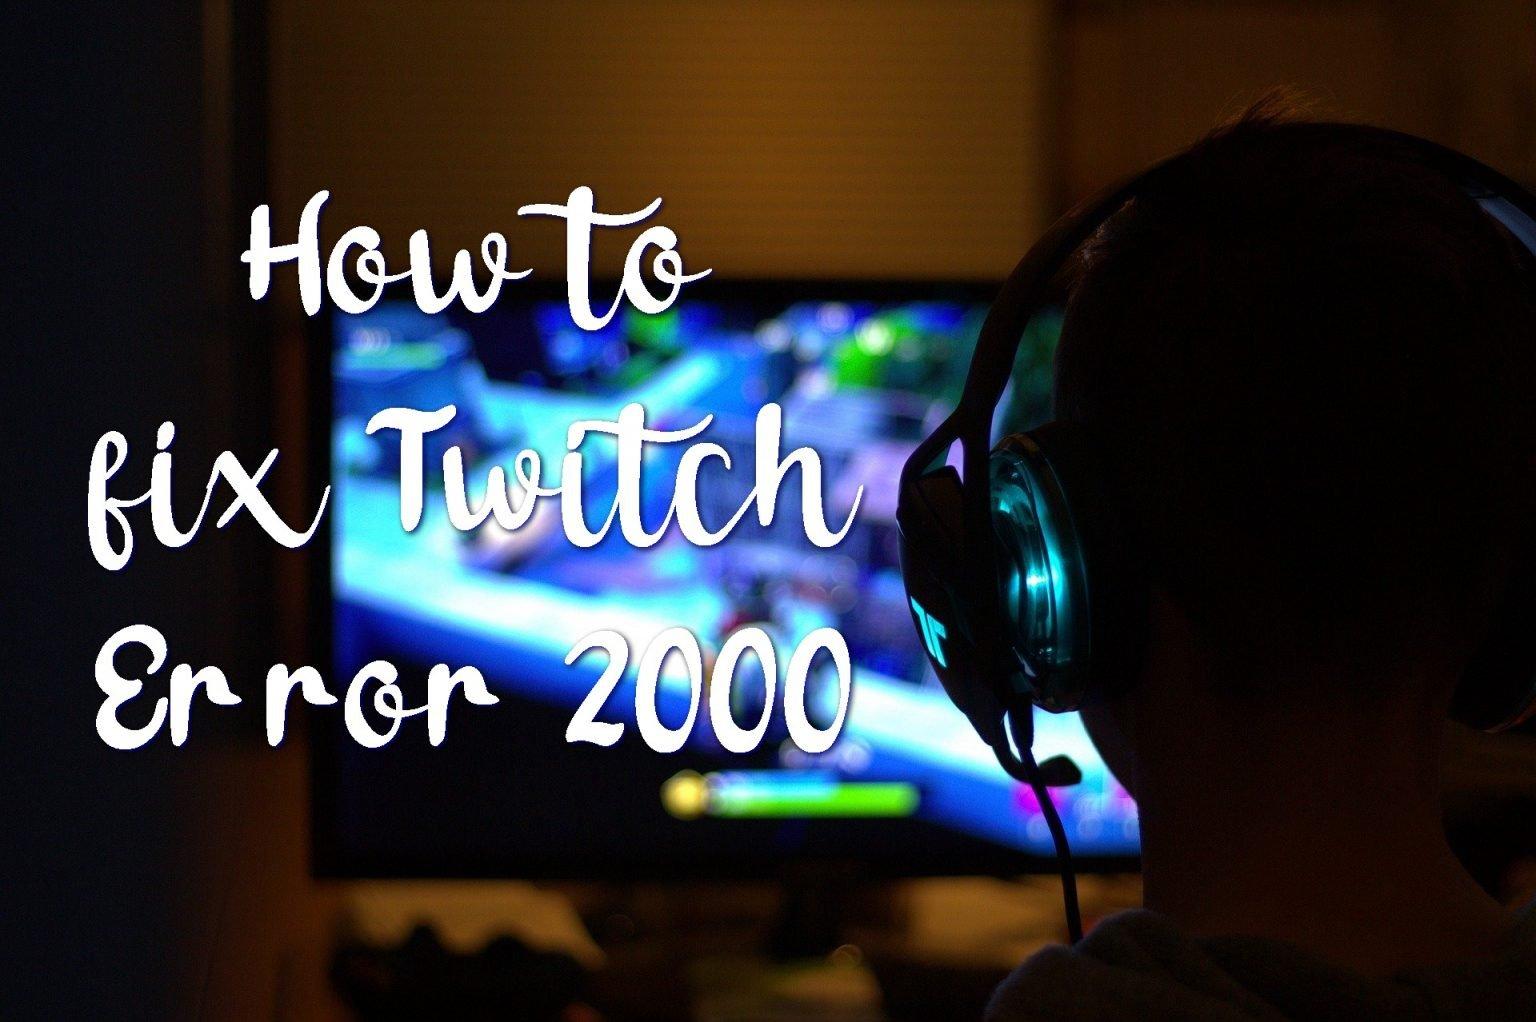 2000 Network Error Twitch